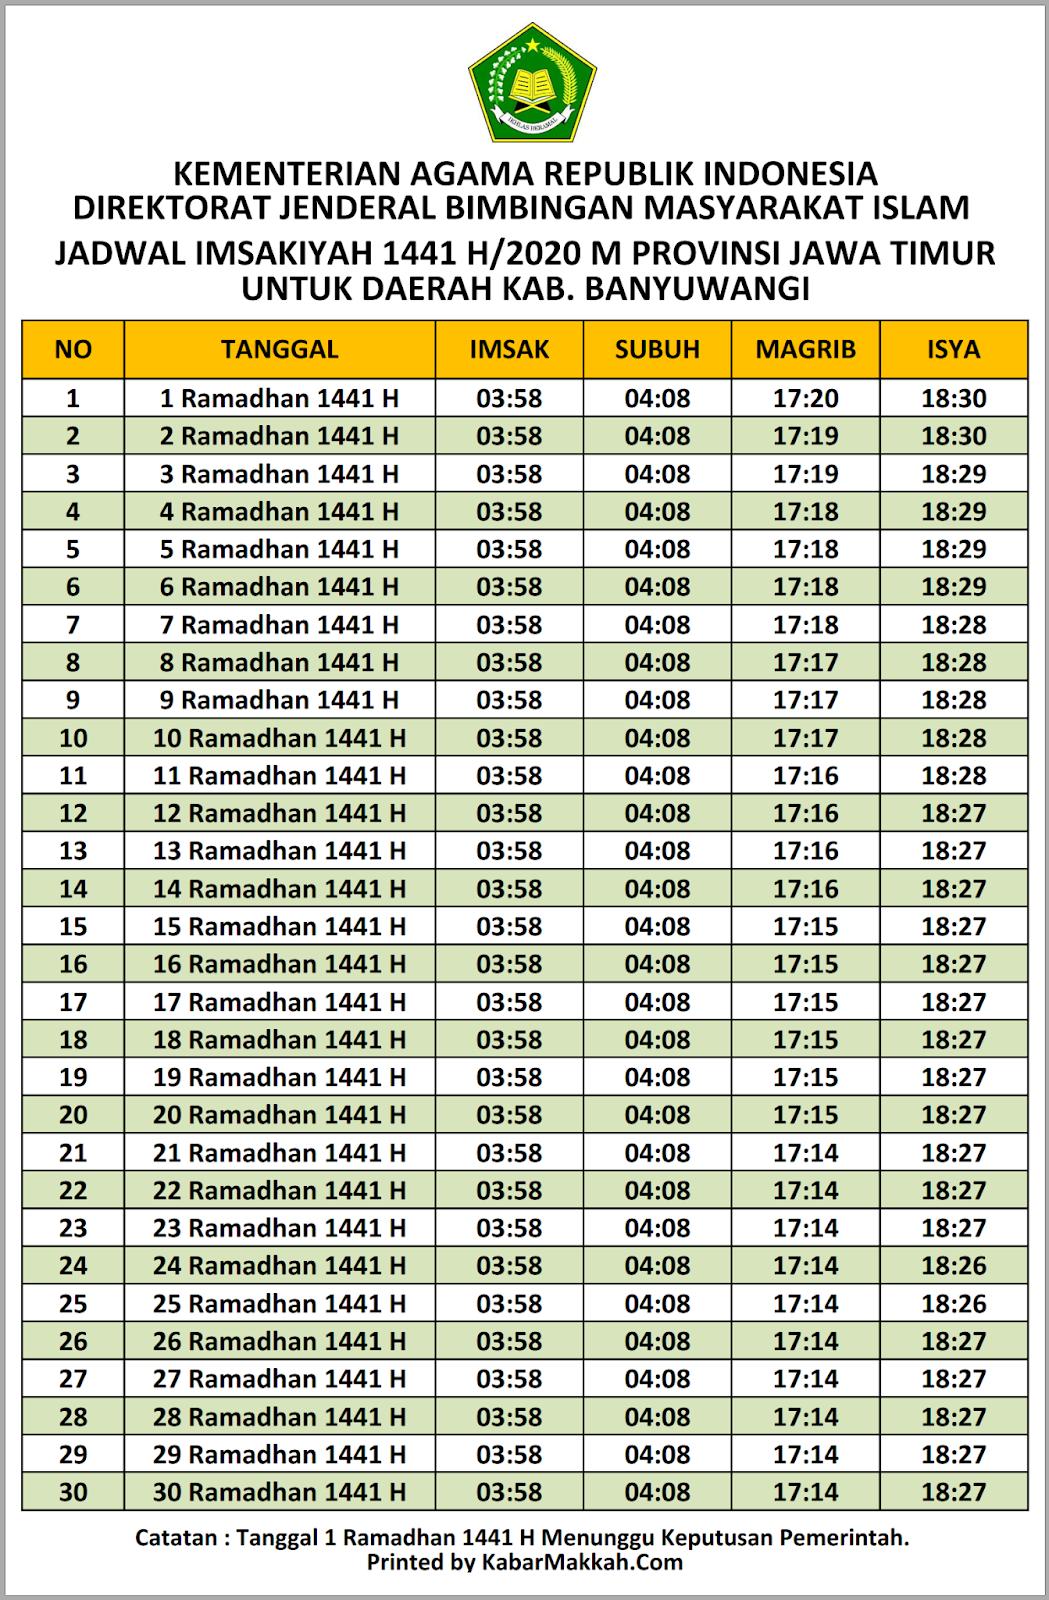 Jadwal Imsakiyah Banyuwangi 2020